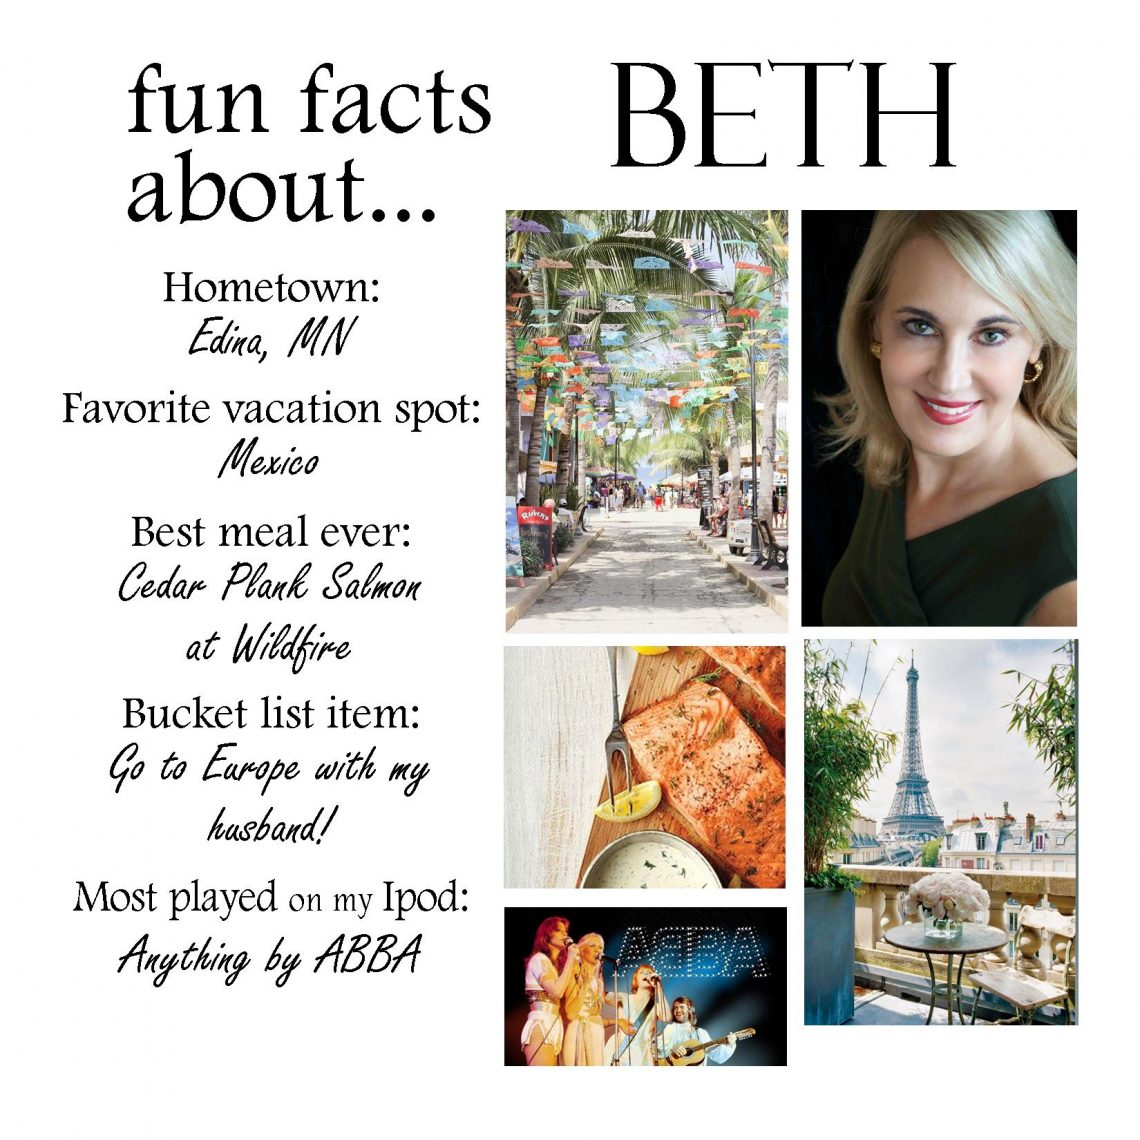 beth fun fact